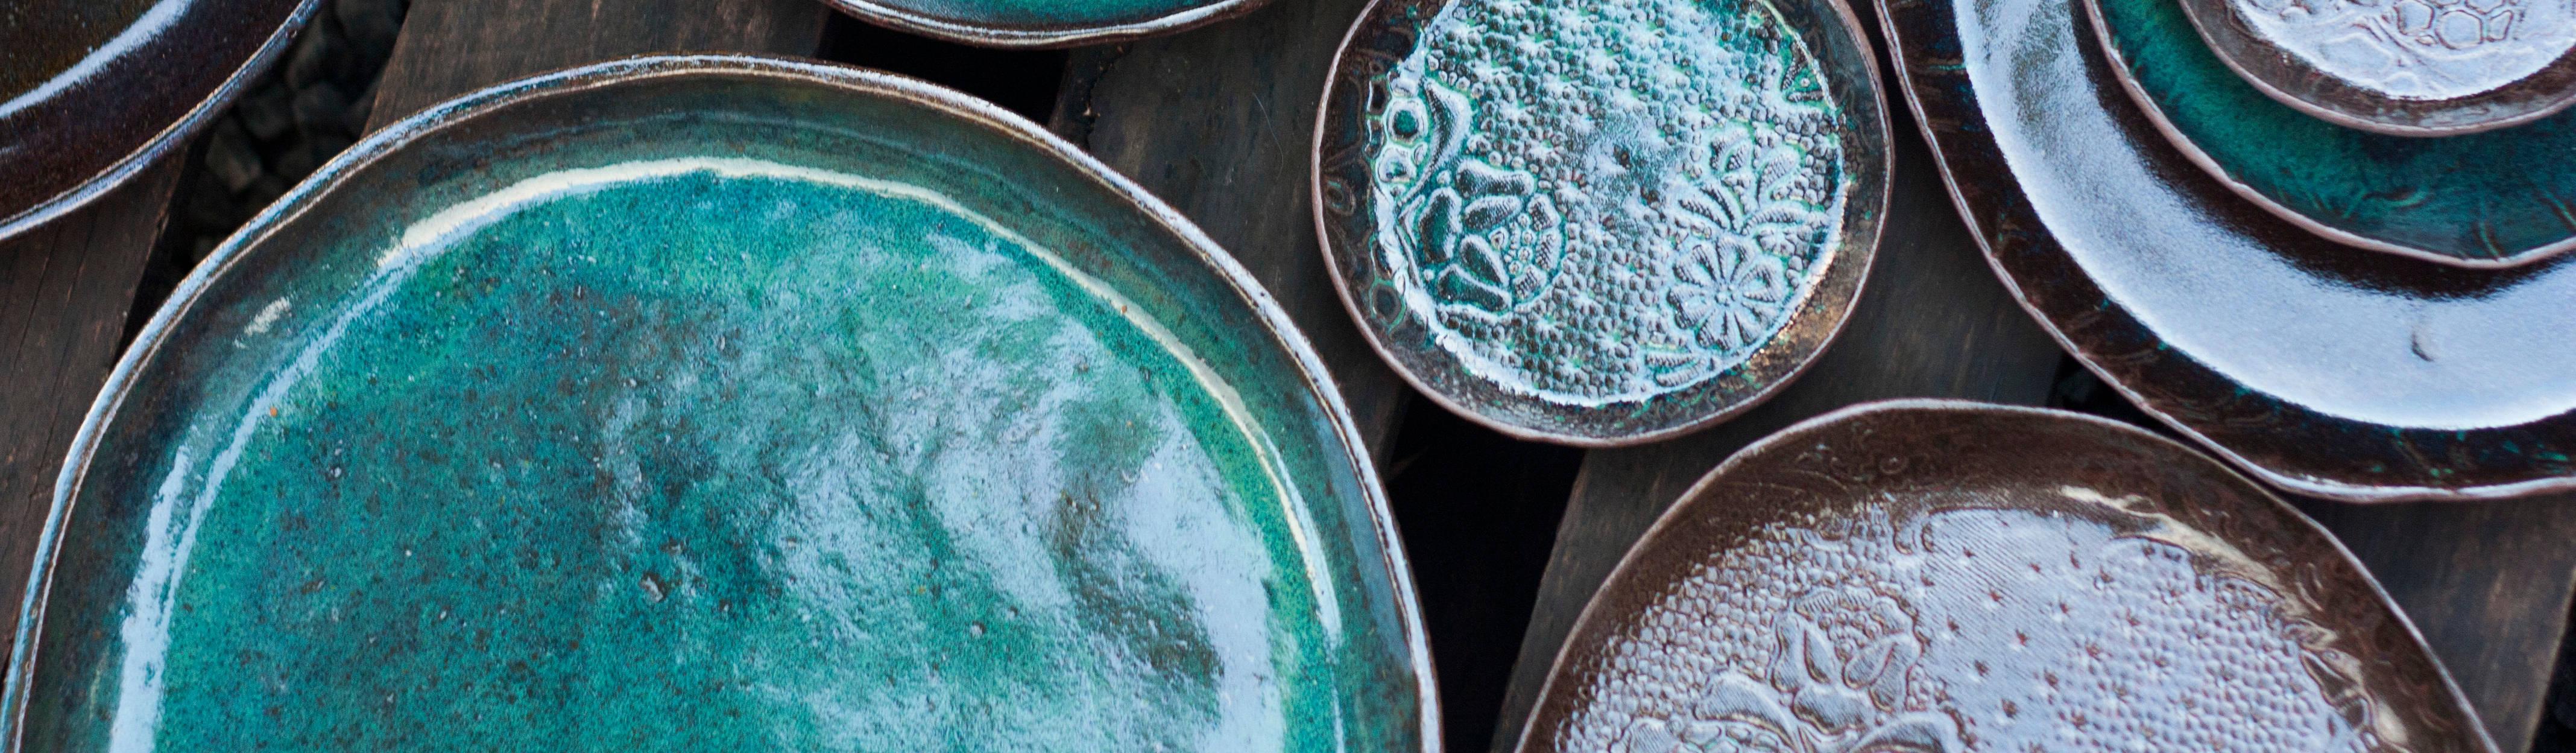 Ateliê de Cerâmica – Flavia Soares